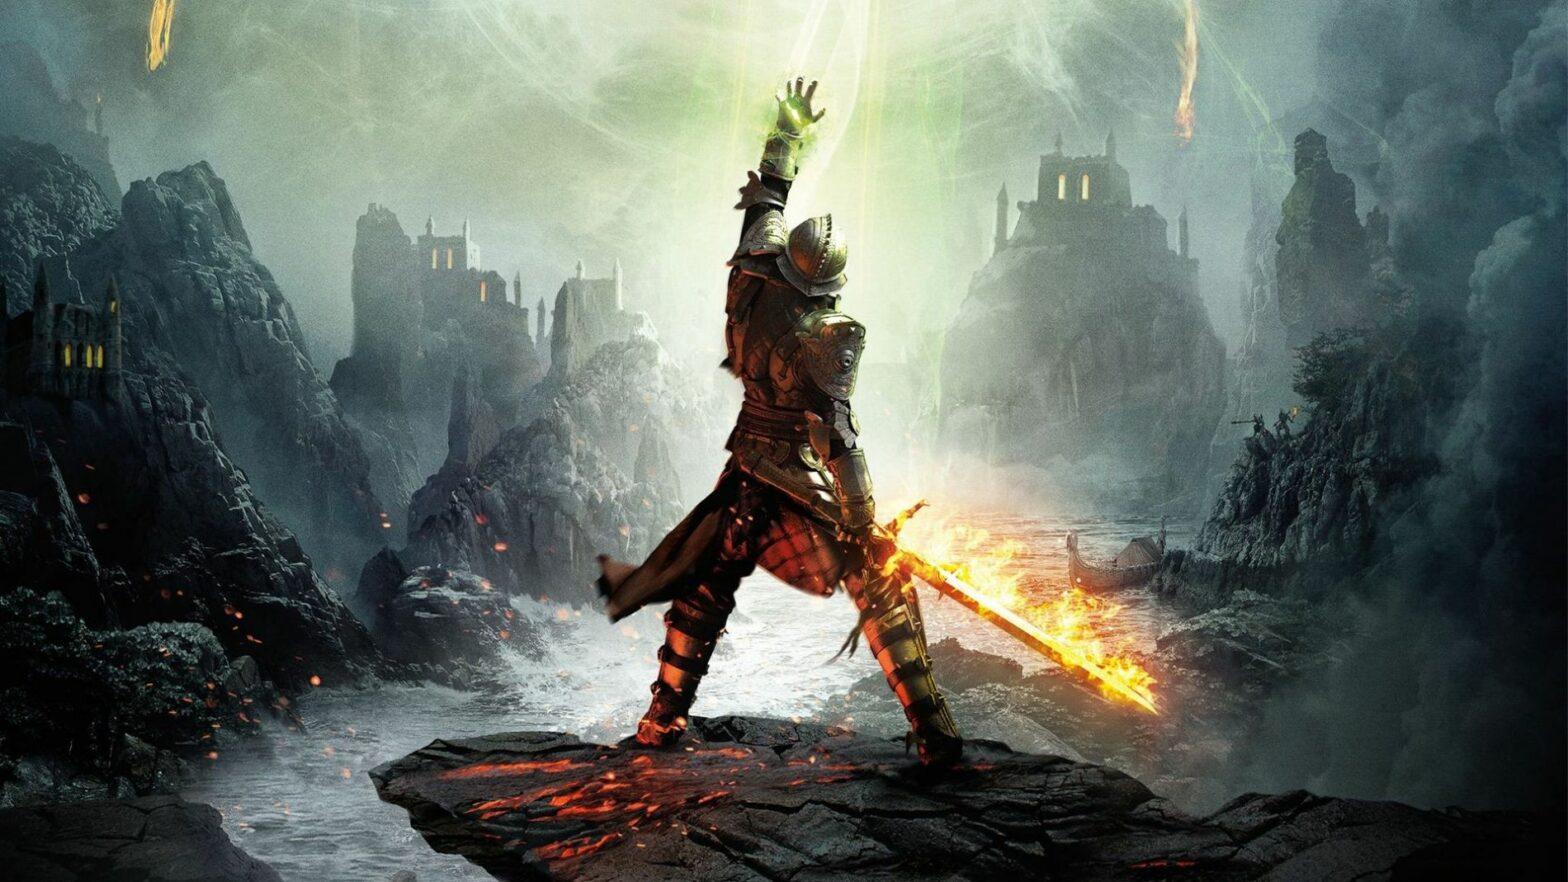 Die verworfenen Charaktere – Concept Art zu Dragon Age: Inquisition im Video